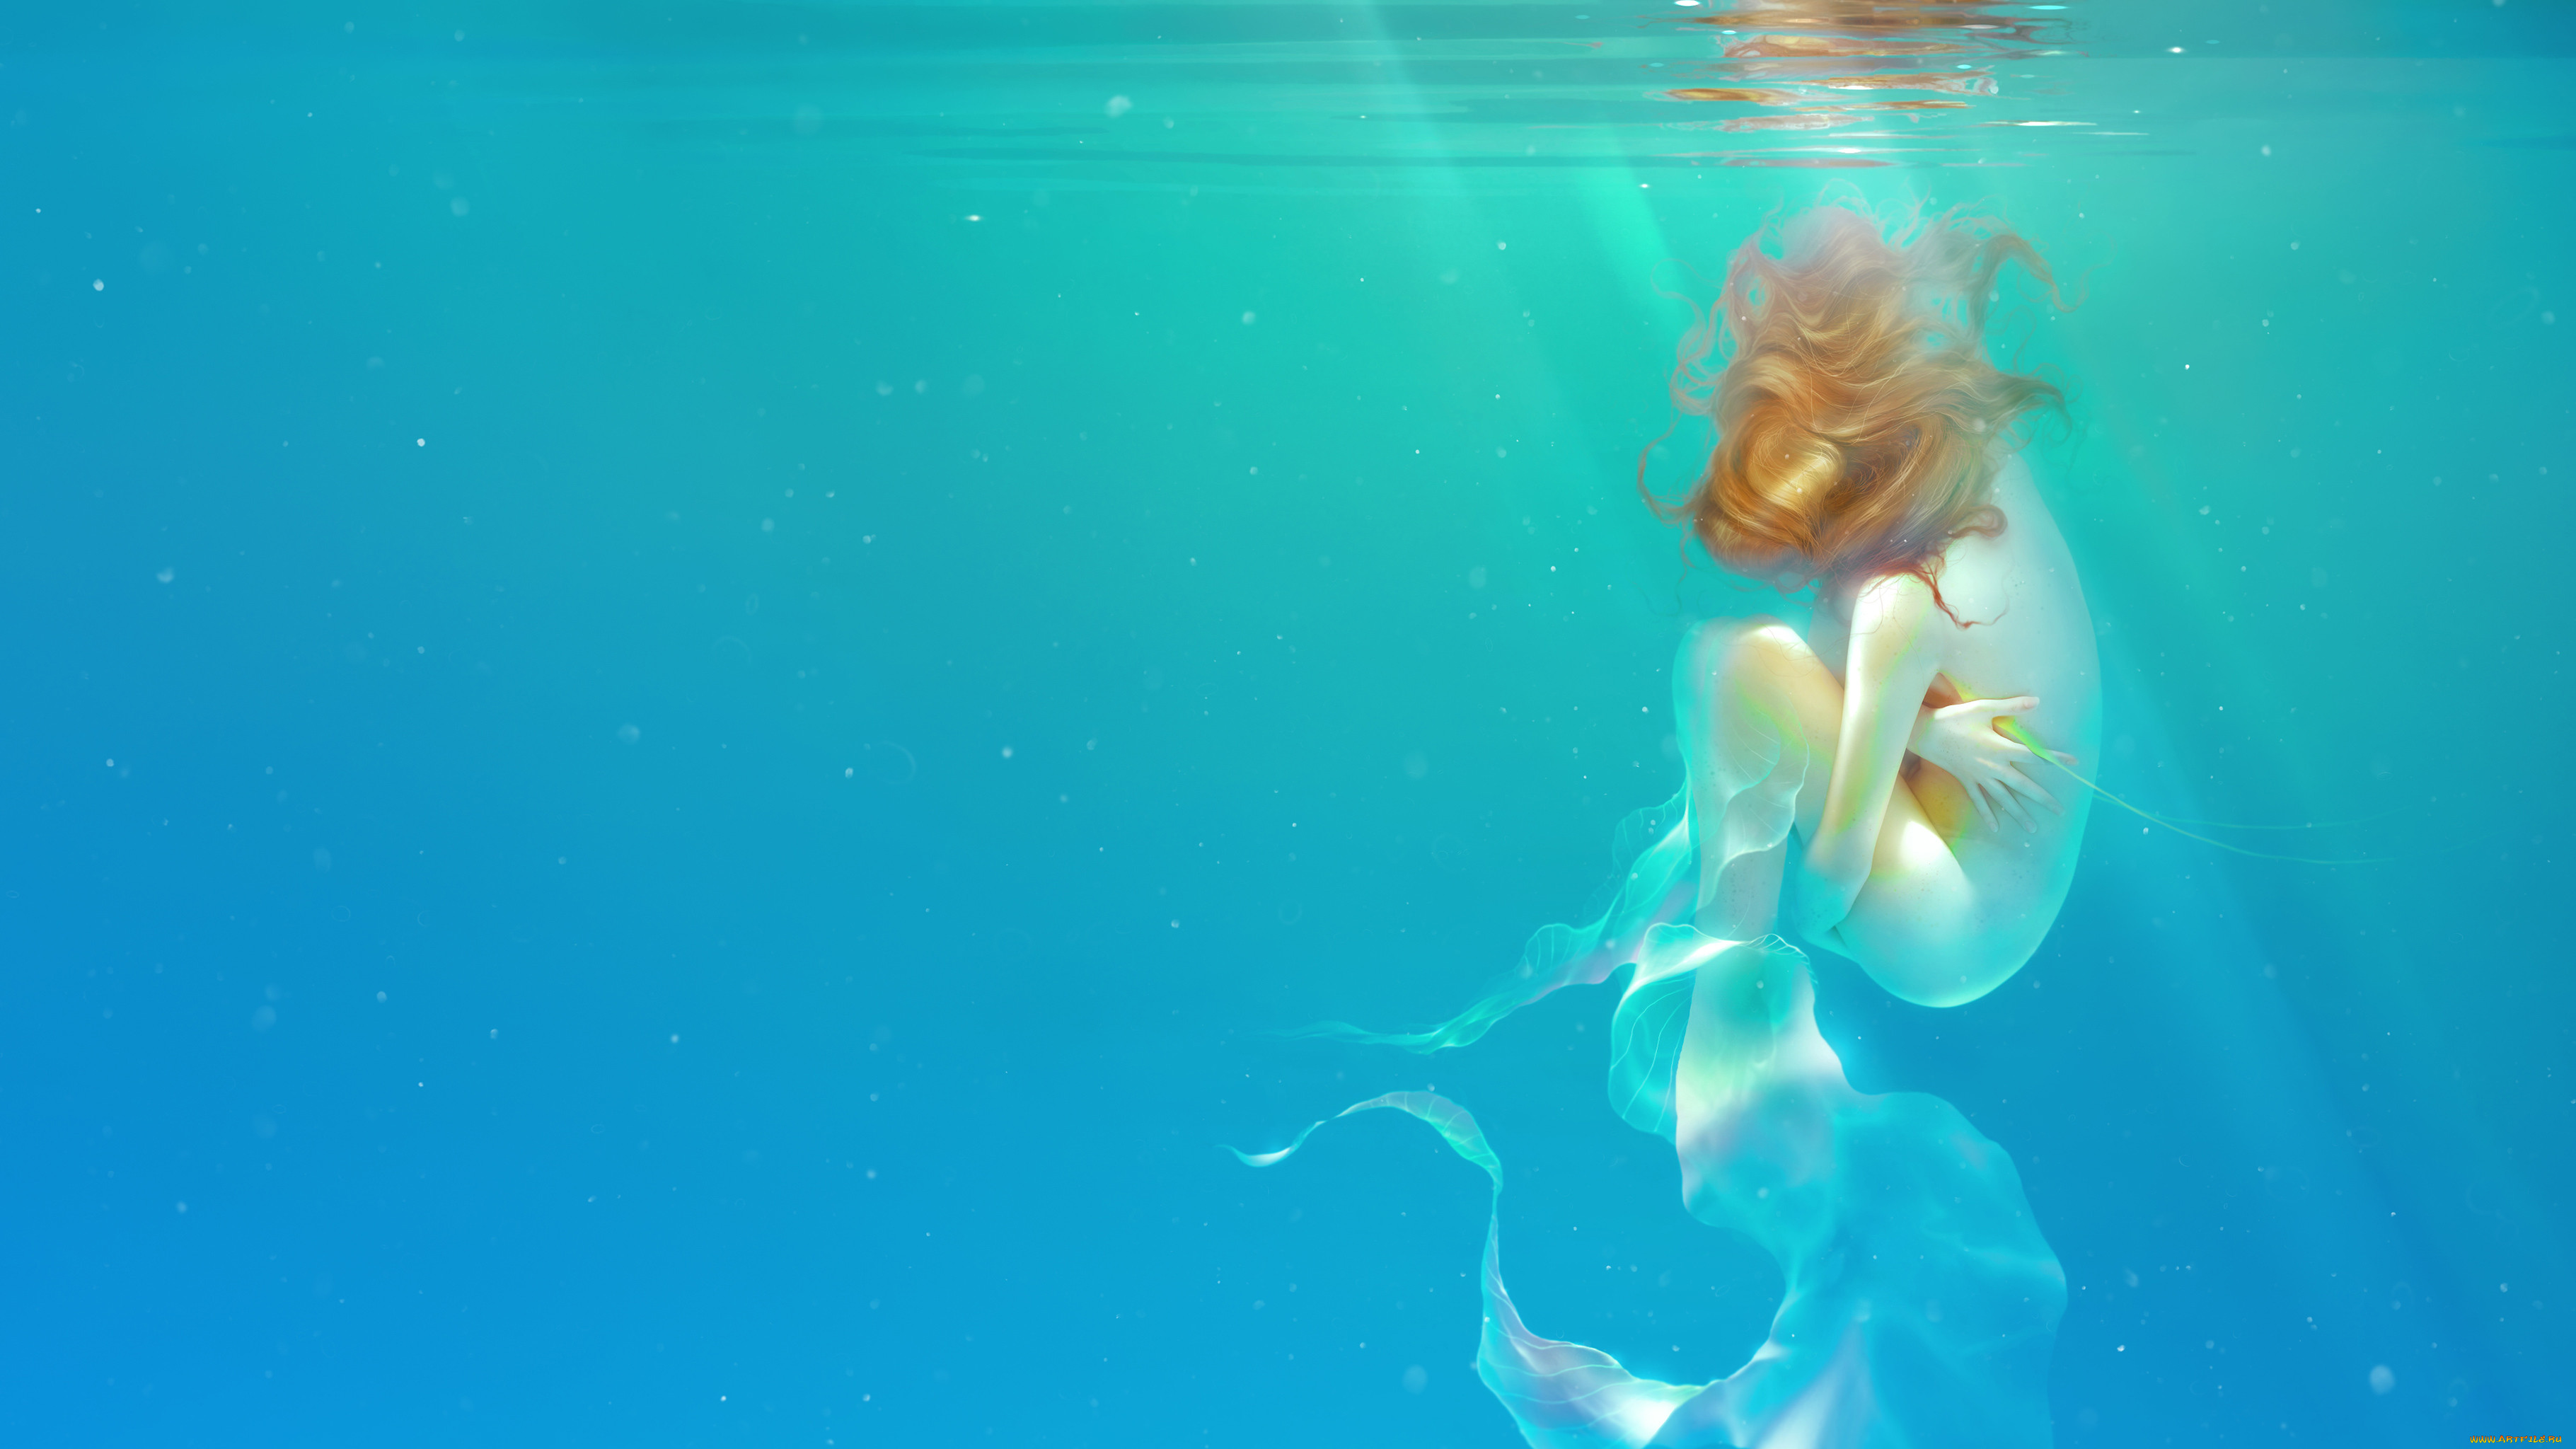 фэнтези, девушки, девушка, фон, вода